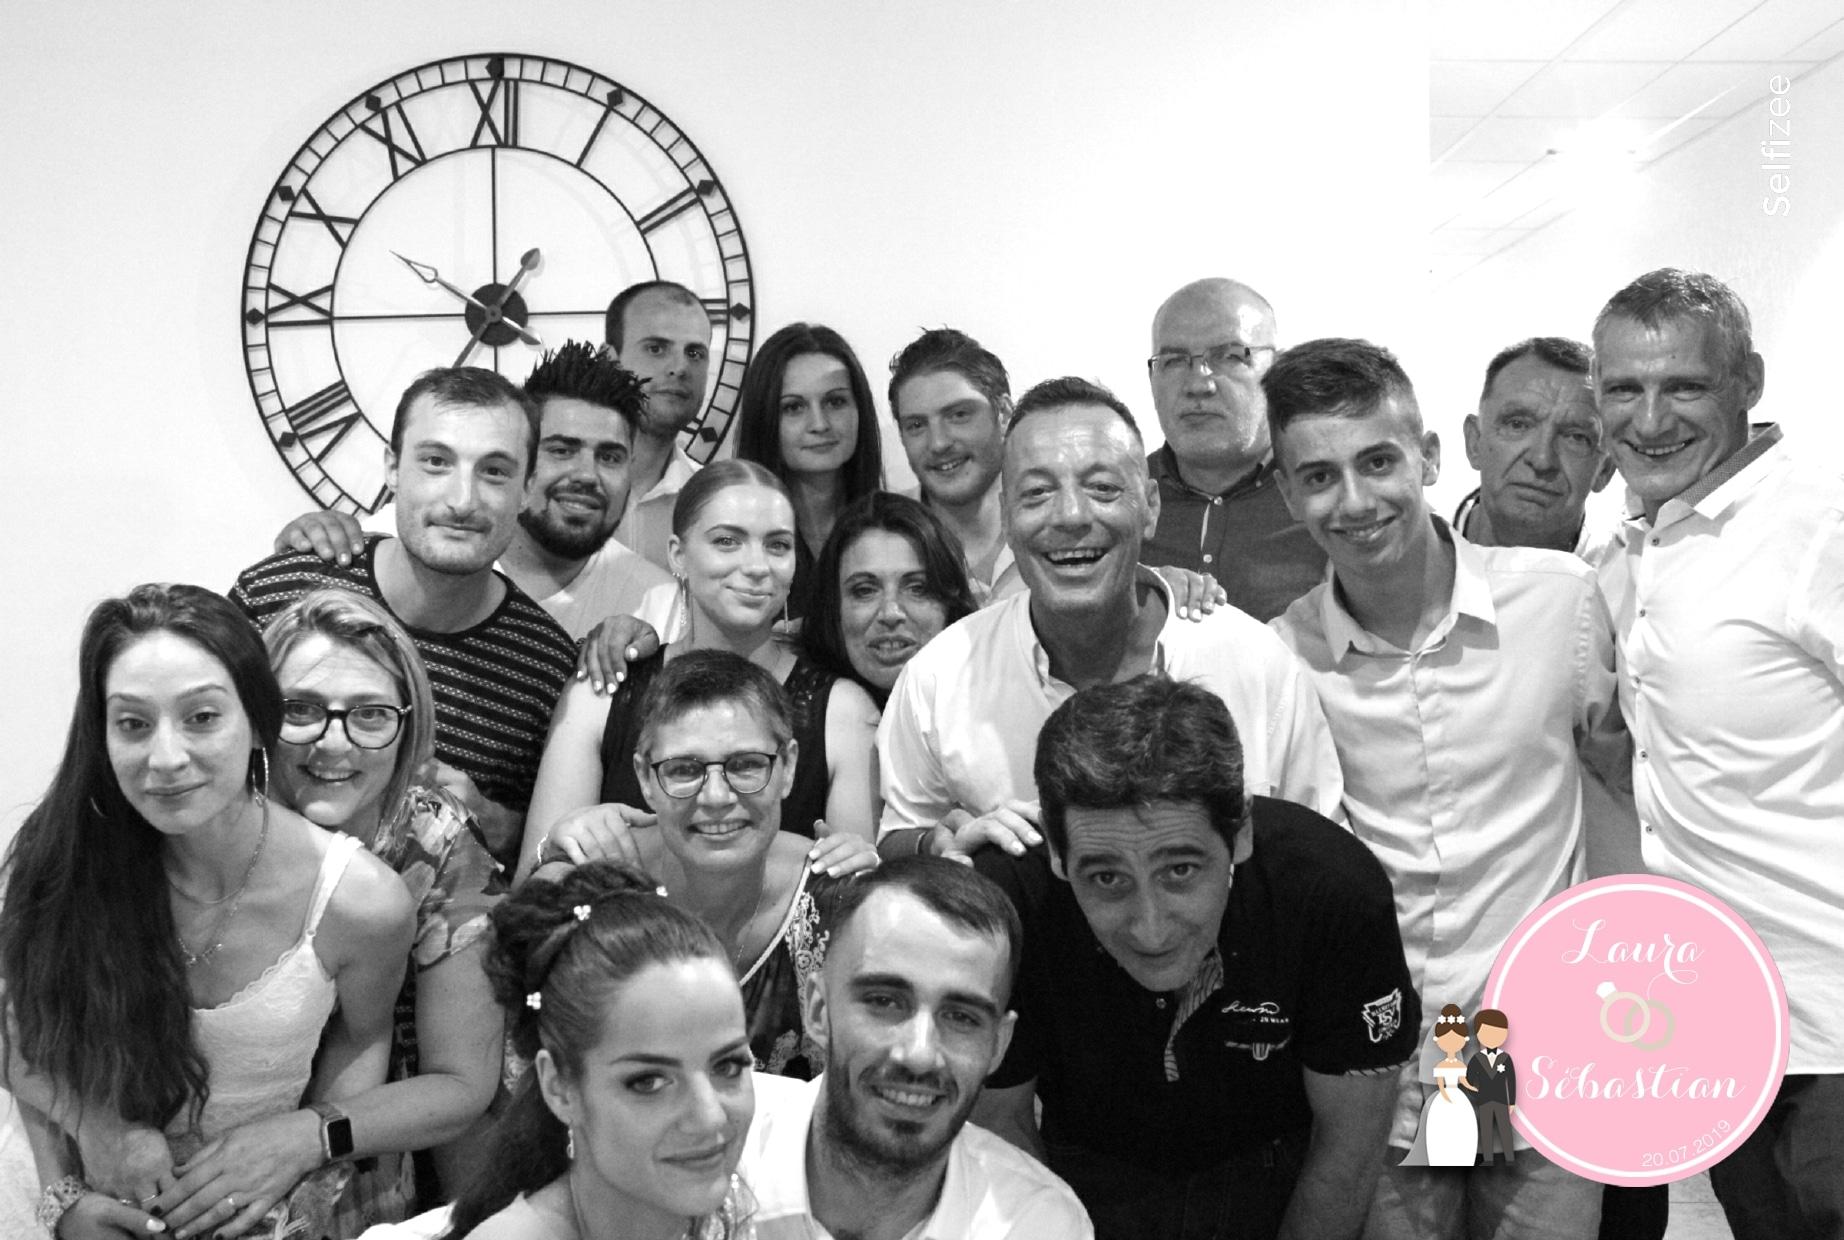 Photo mariage personnalisée Lyon avec borne selfie à louer pour animation mariage Lyon ou dans le Rhône